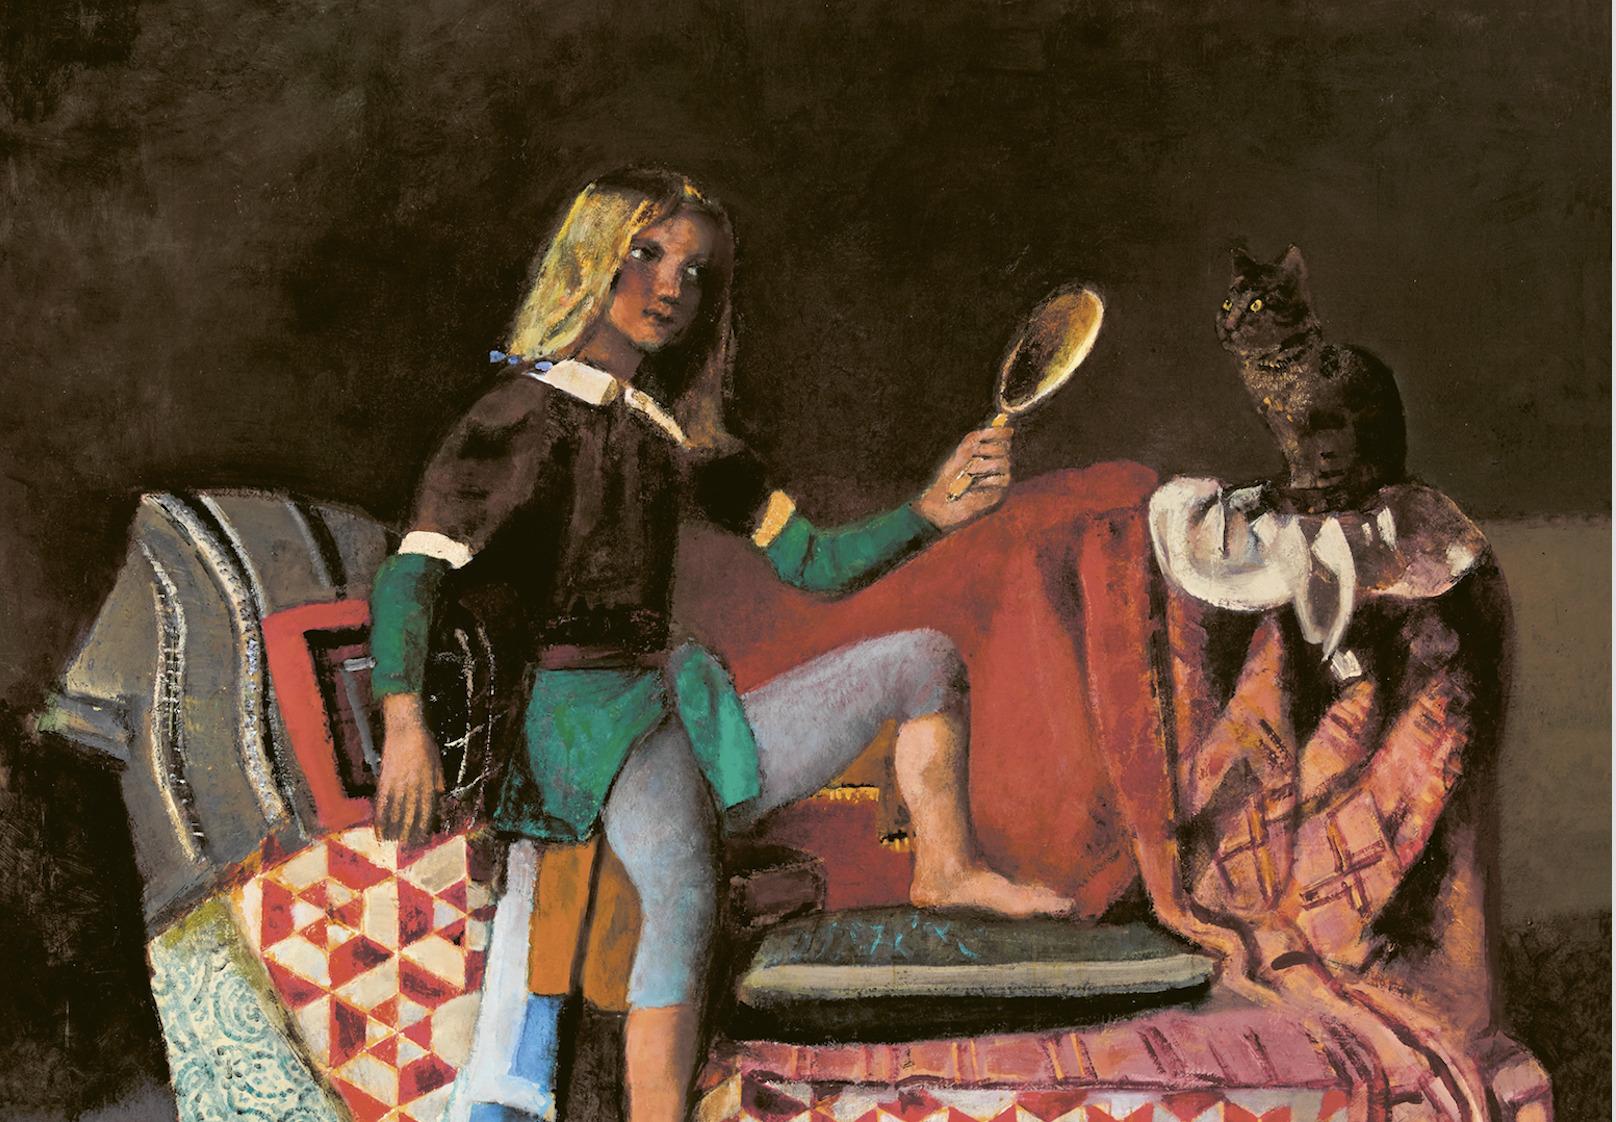 5 cuadros de la exposición de Balthus que nos han encantado